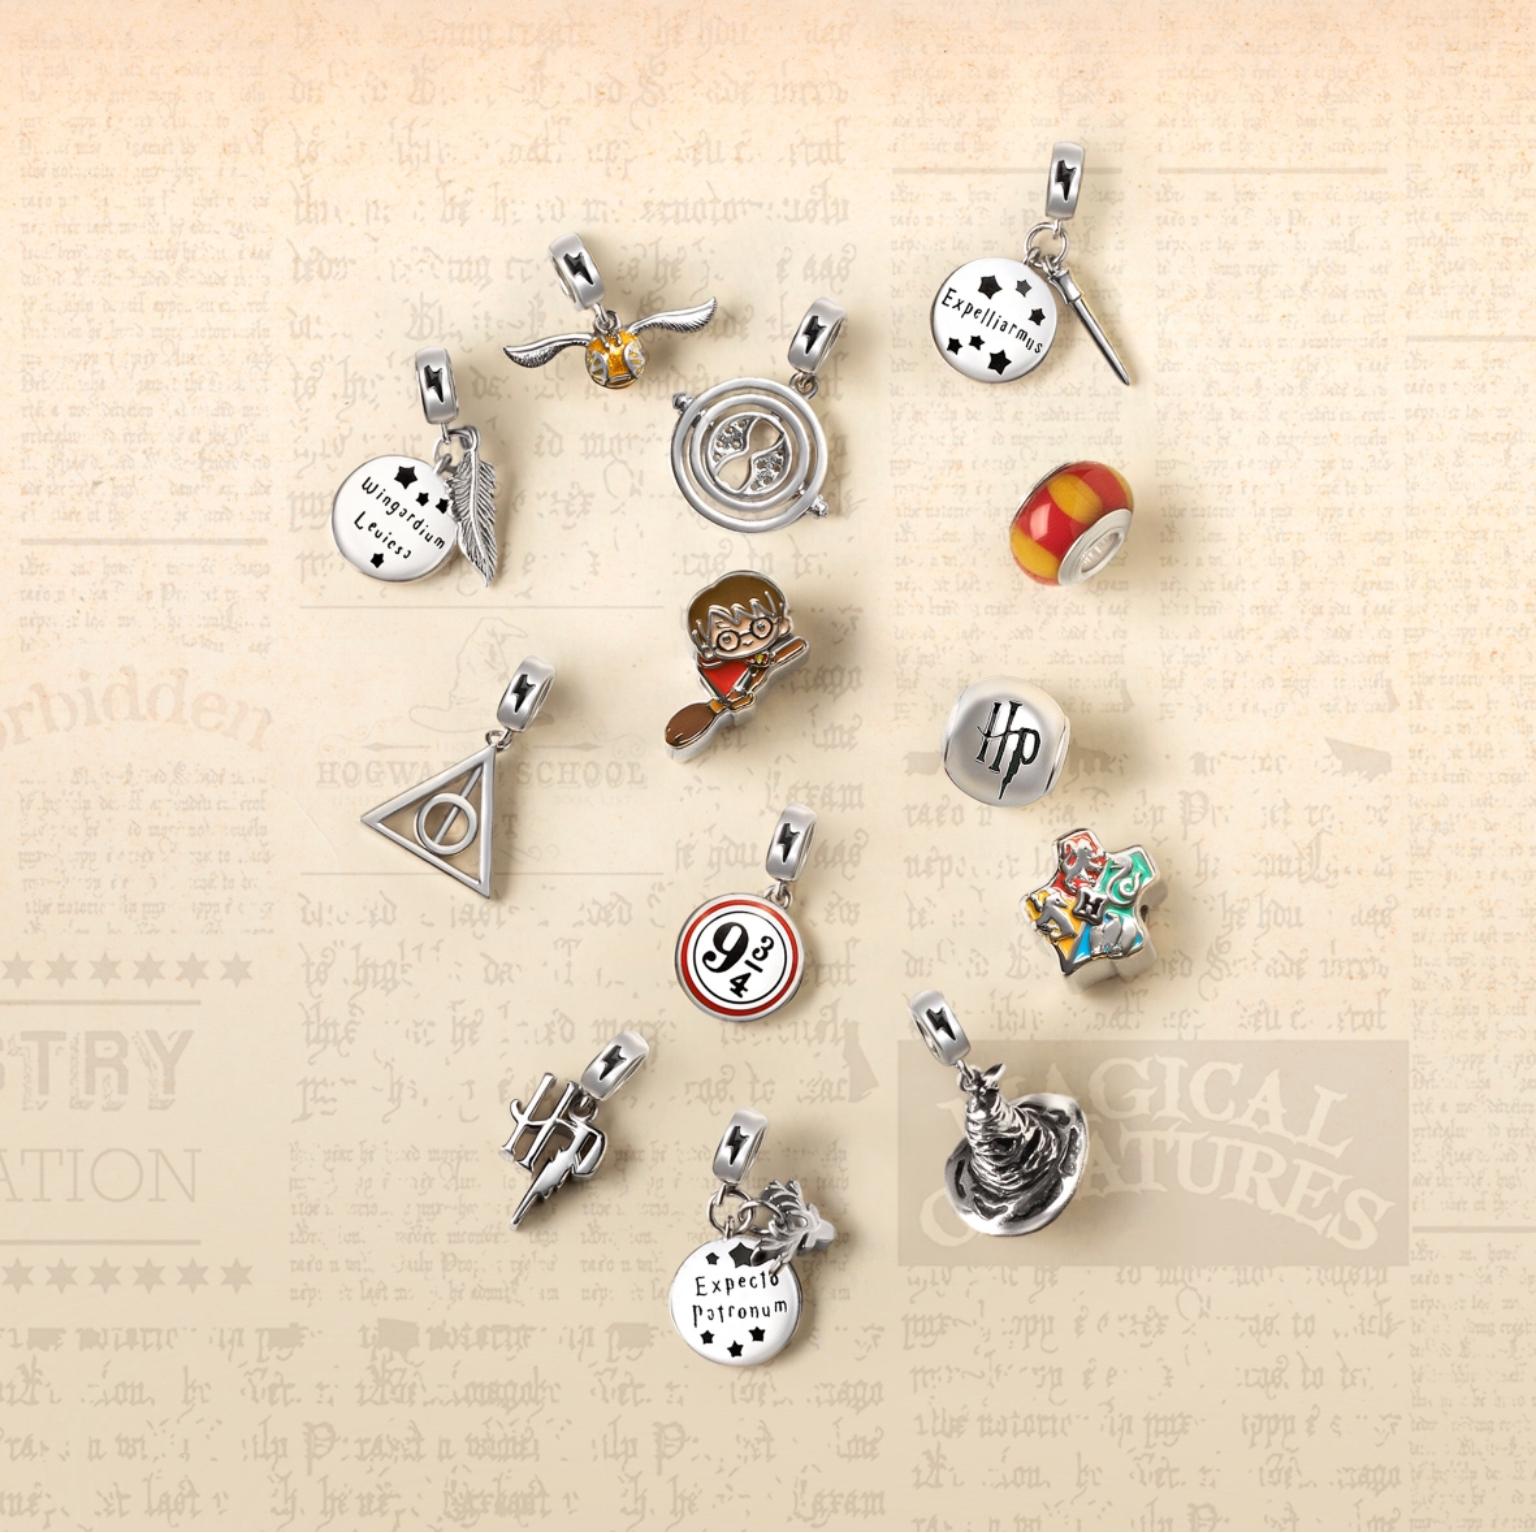 Monte Carlo apresenta coleção Harry Potter